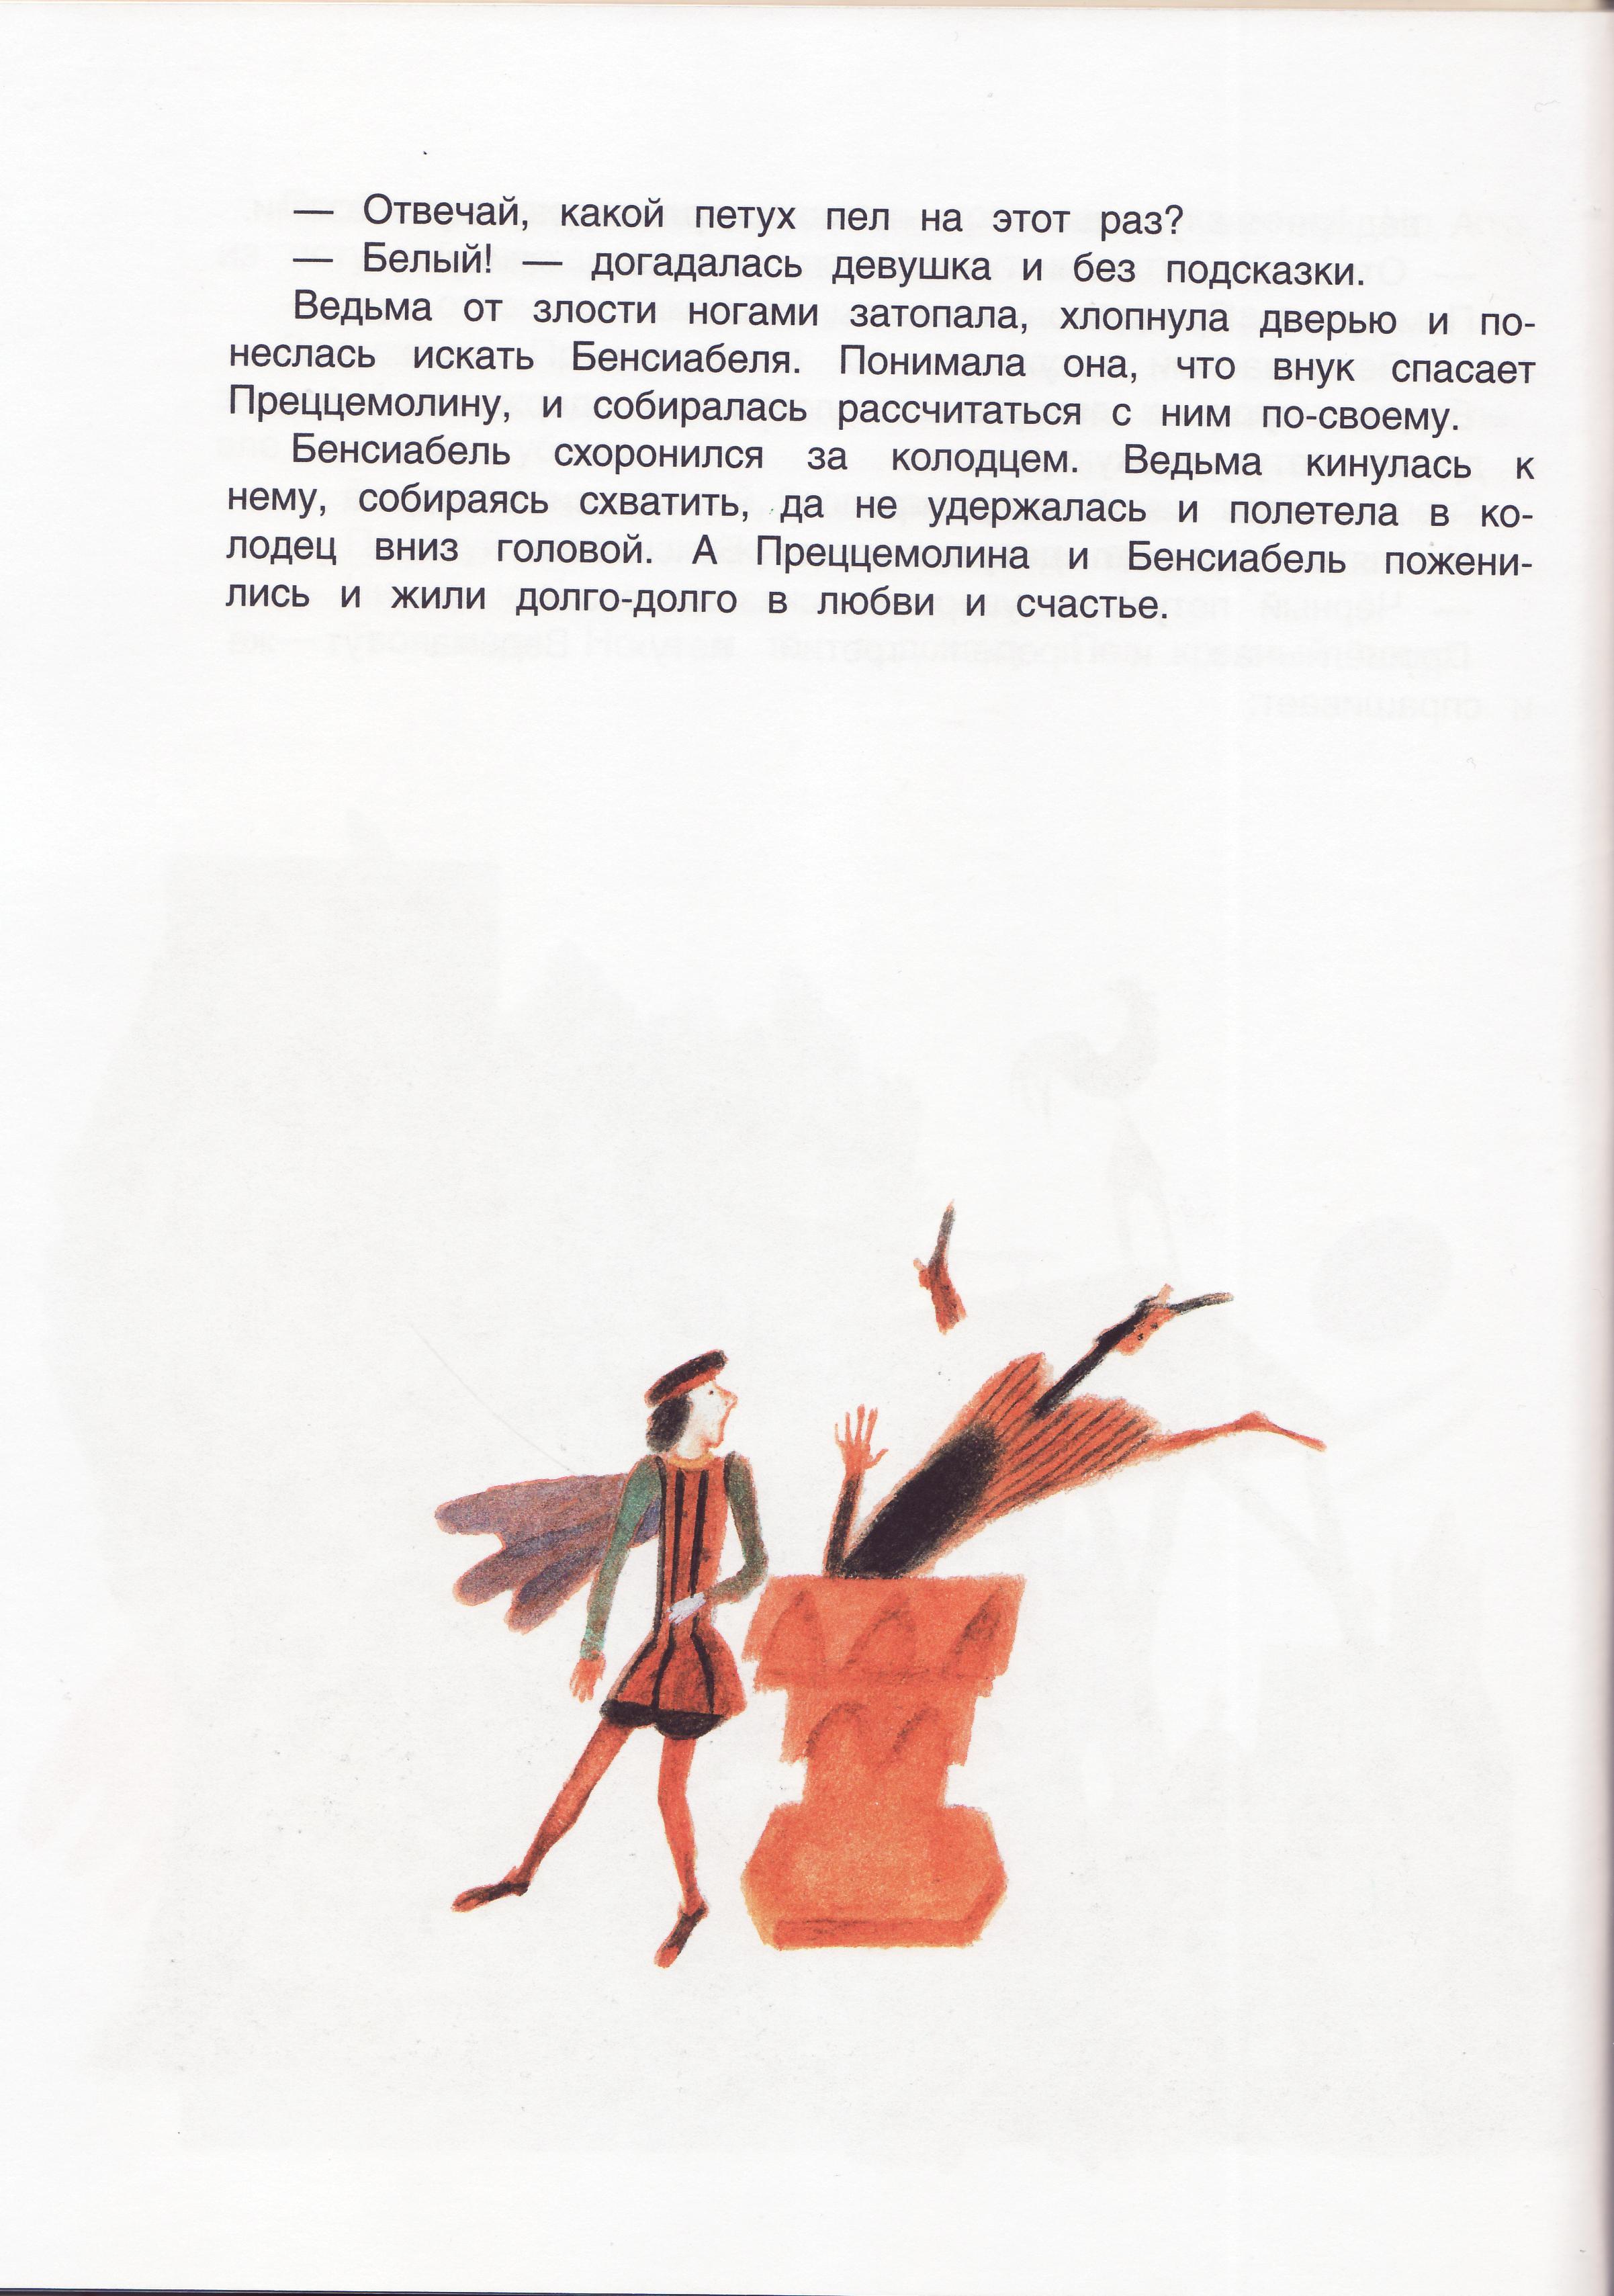 """Итальянские народные сказки """"В моих краях"""", иллюстрации Евгения Монина"""